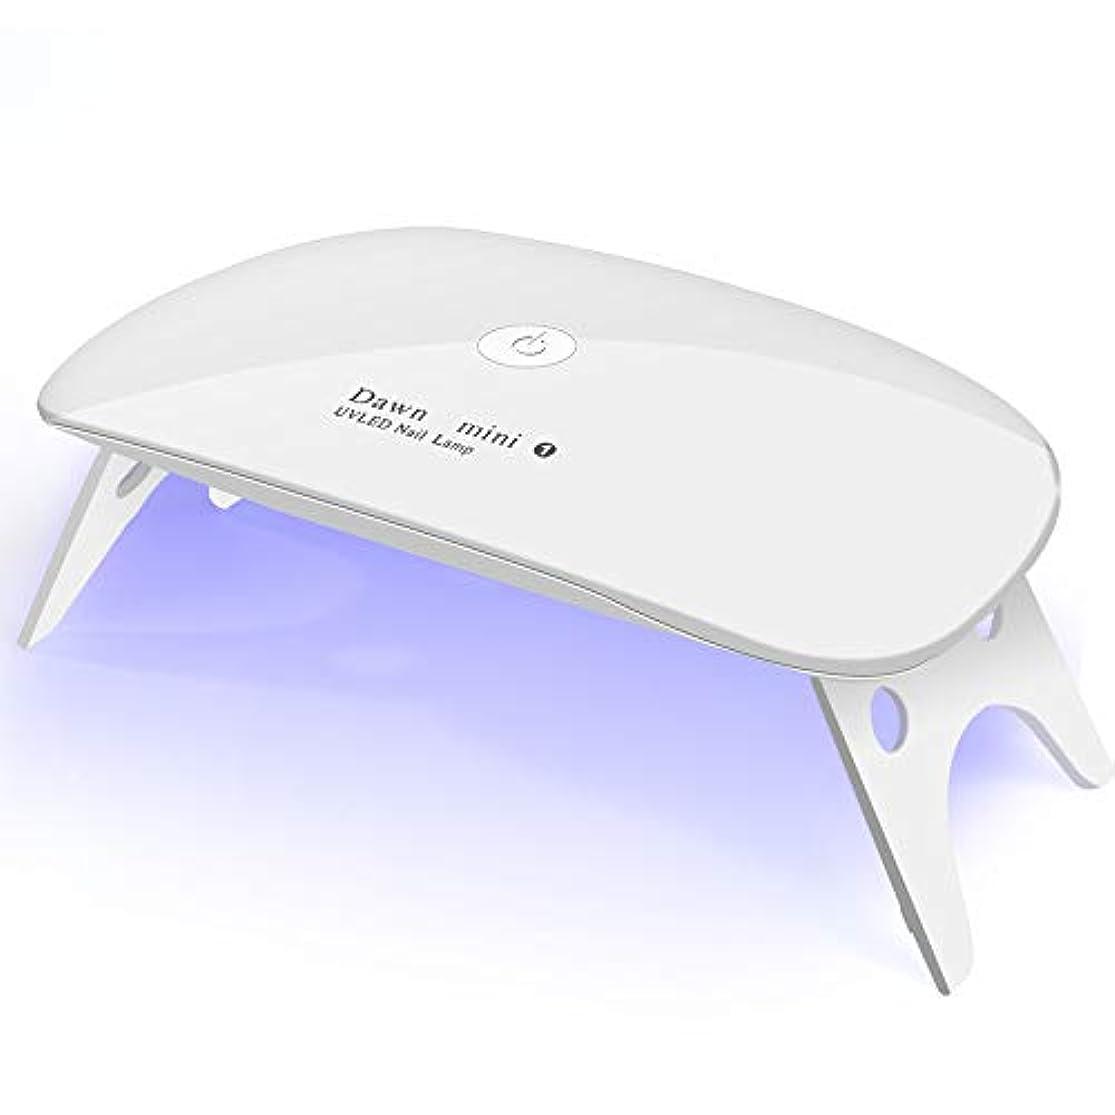 伴うフルーティー未接続UVライト LEDネイルドライヤー ジェルネイルLEDライト 硬化ライト タイマー設定可能 折りたたみ式手足とも使える 人感センサー式 UV と LEDダブルライト ジェルネイル用 (ホワイト )